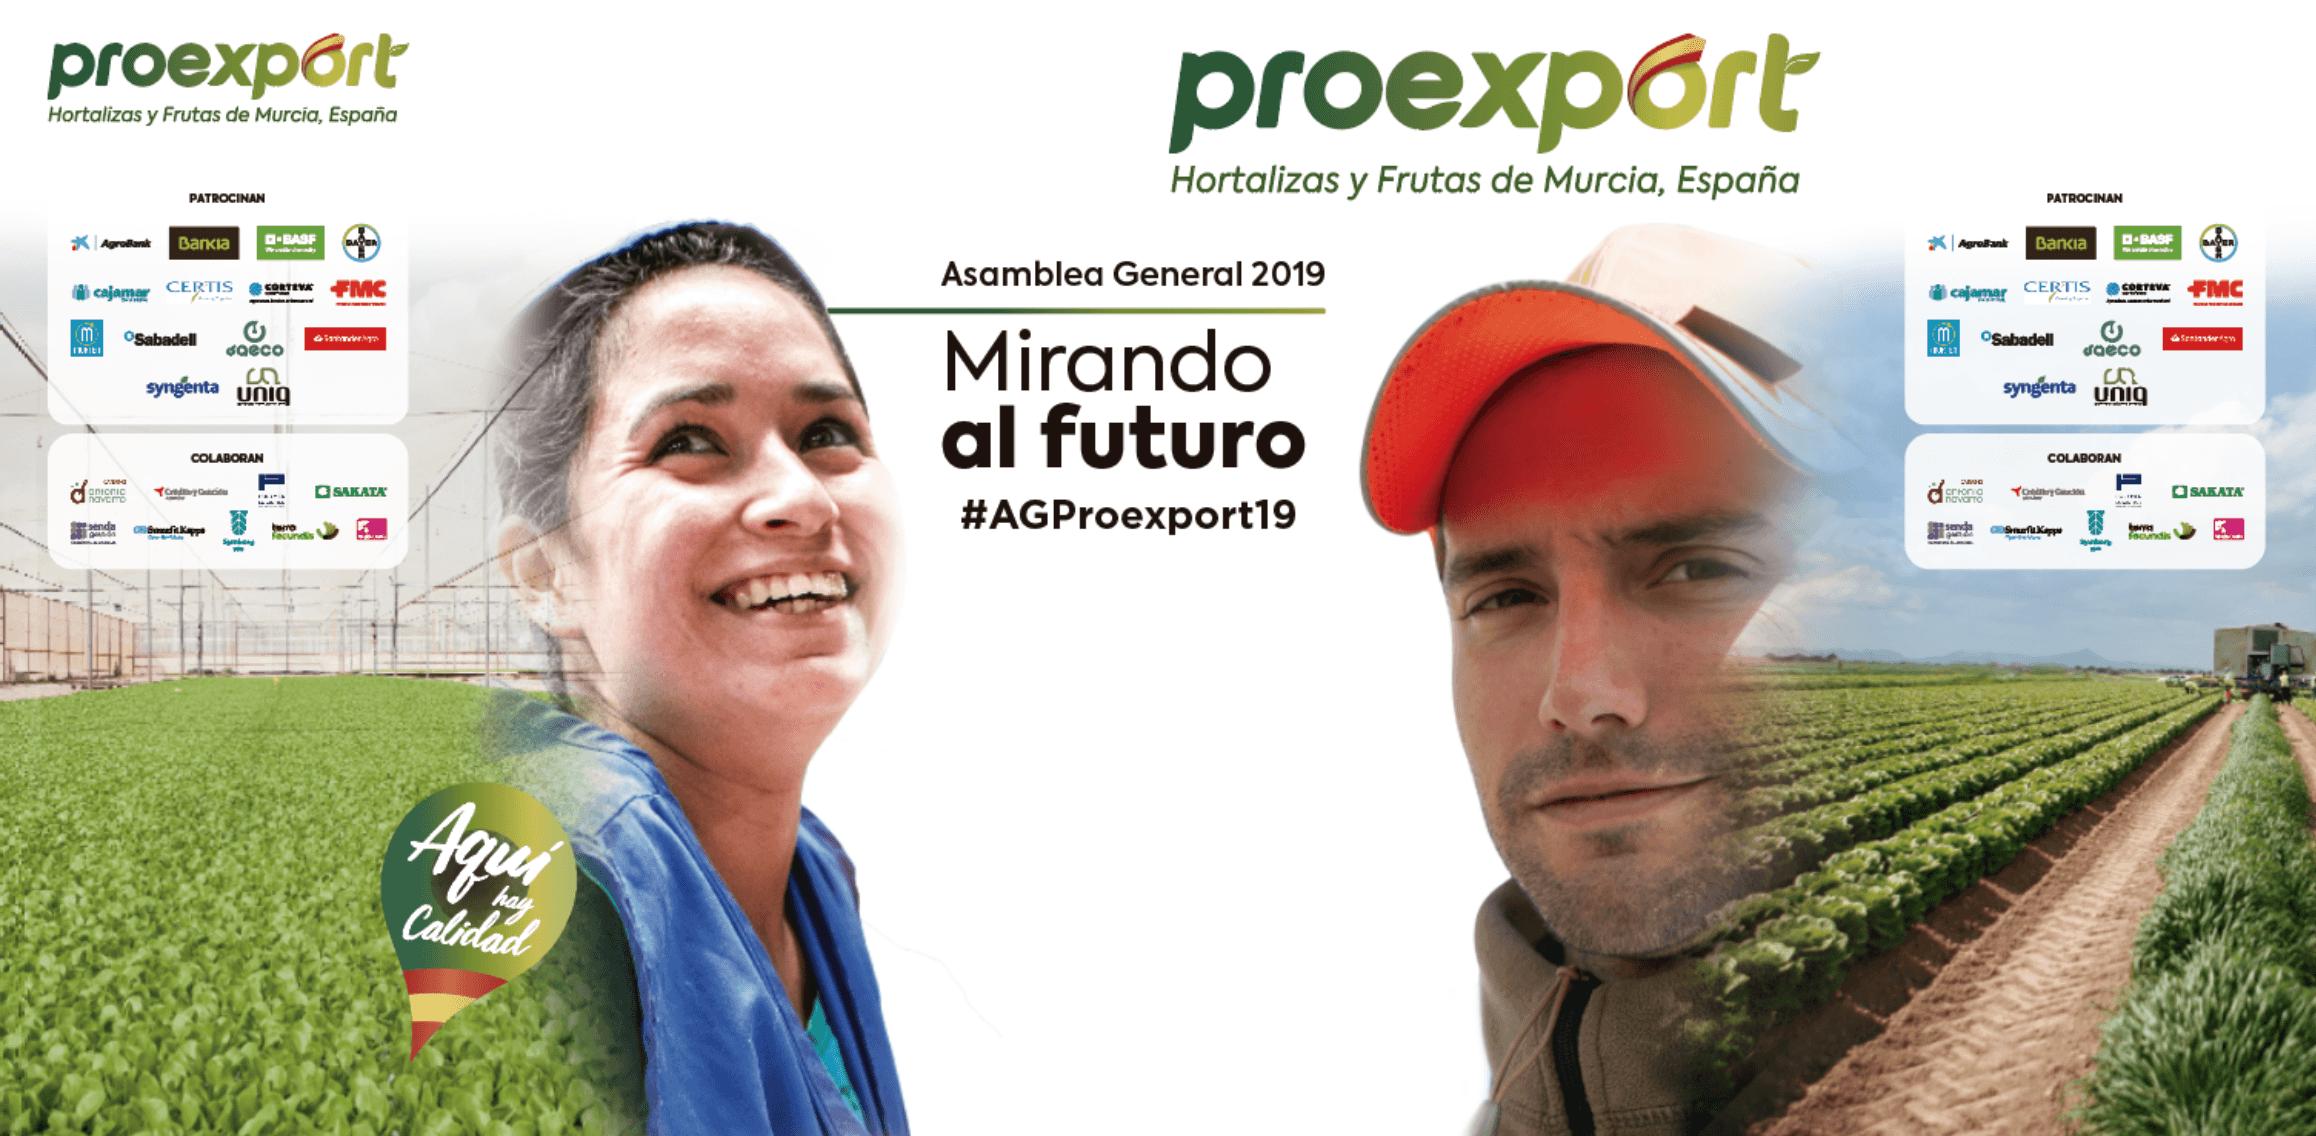 La innovación y la gastronomía en hortalizas y frutas centran la Asamblea de Proexport 2019